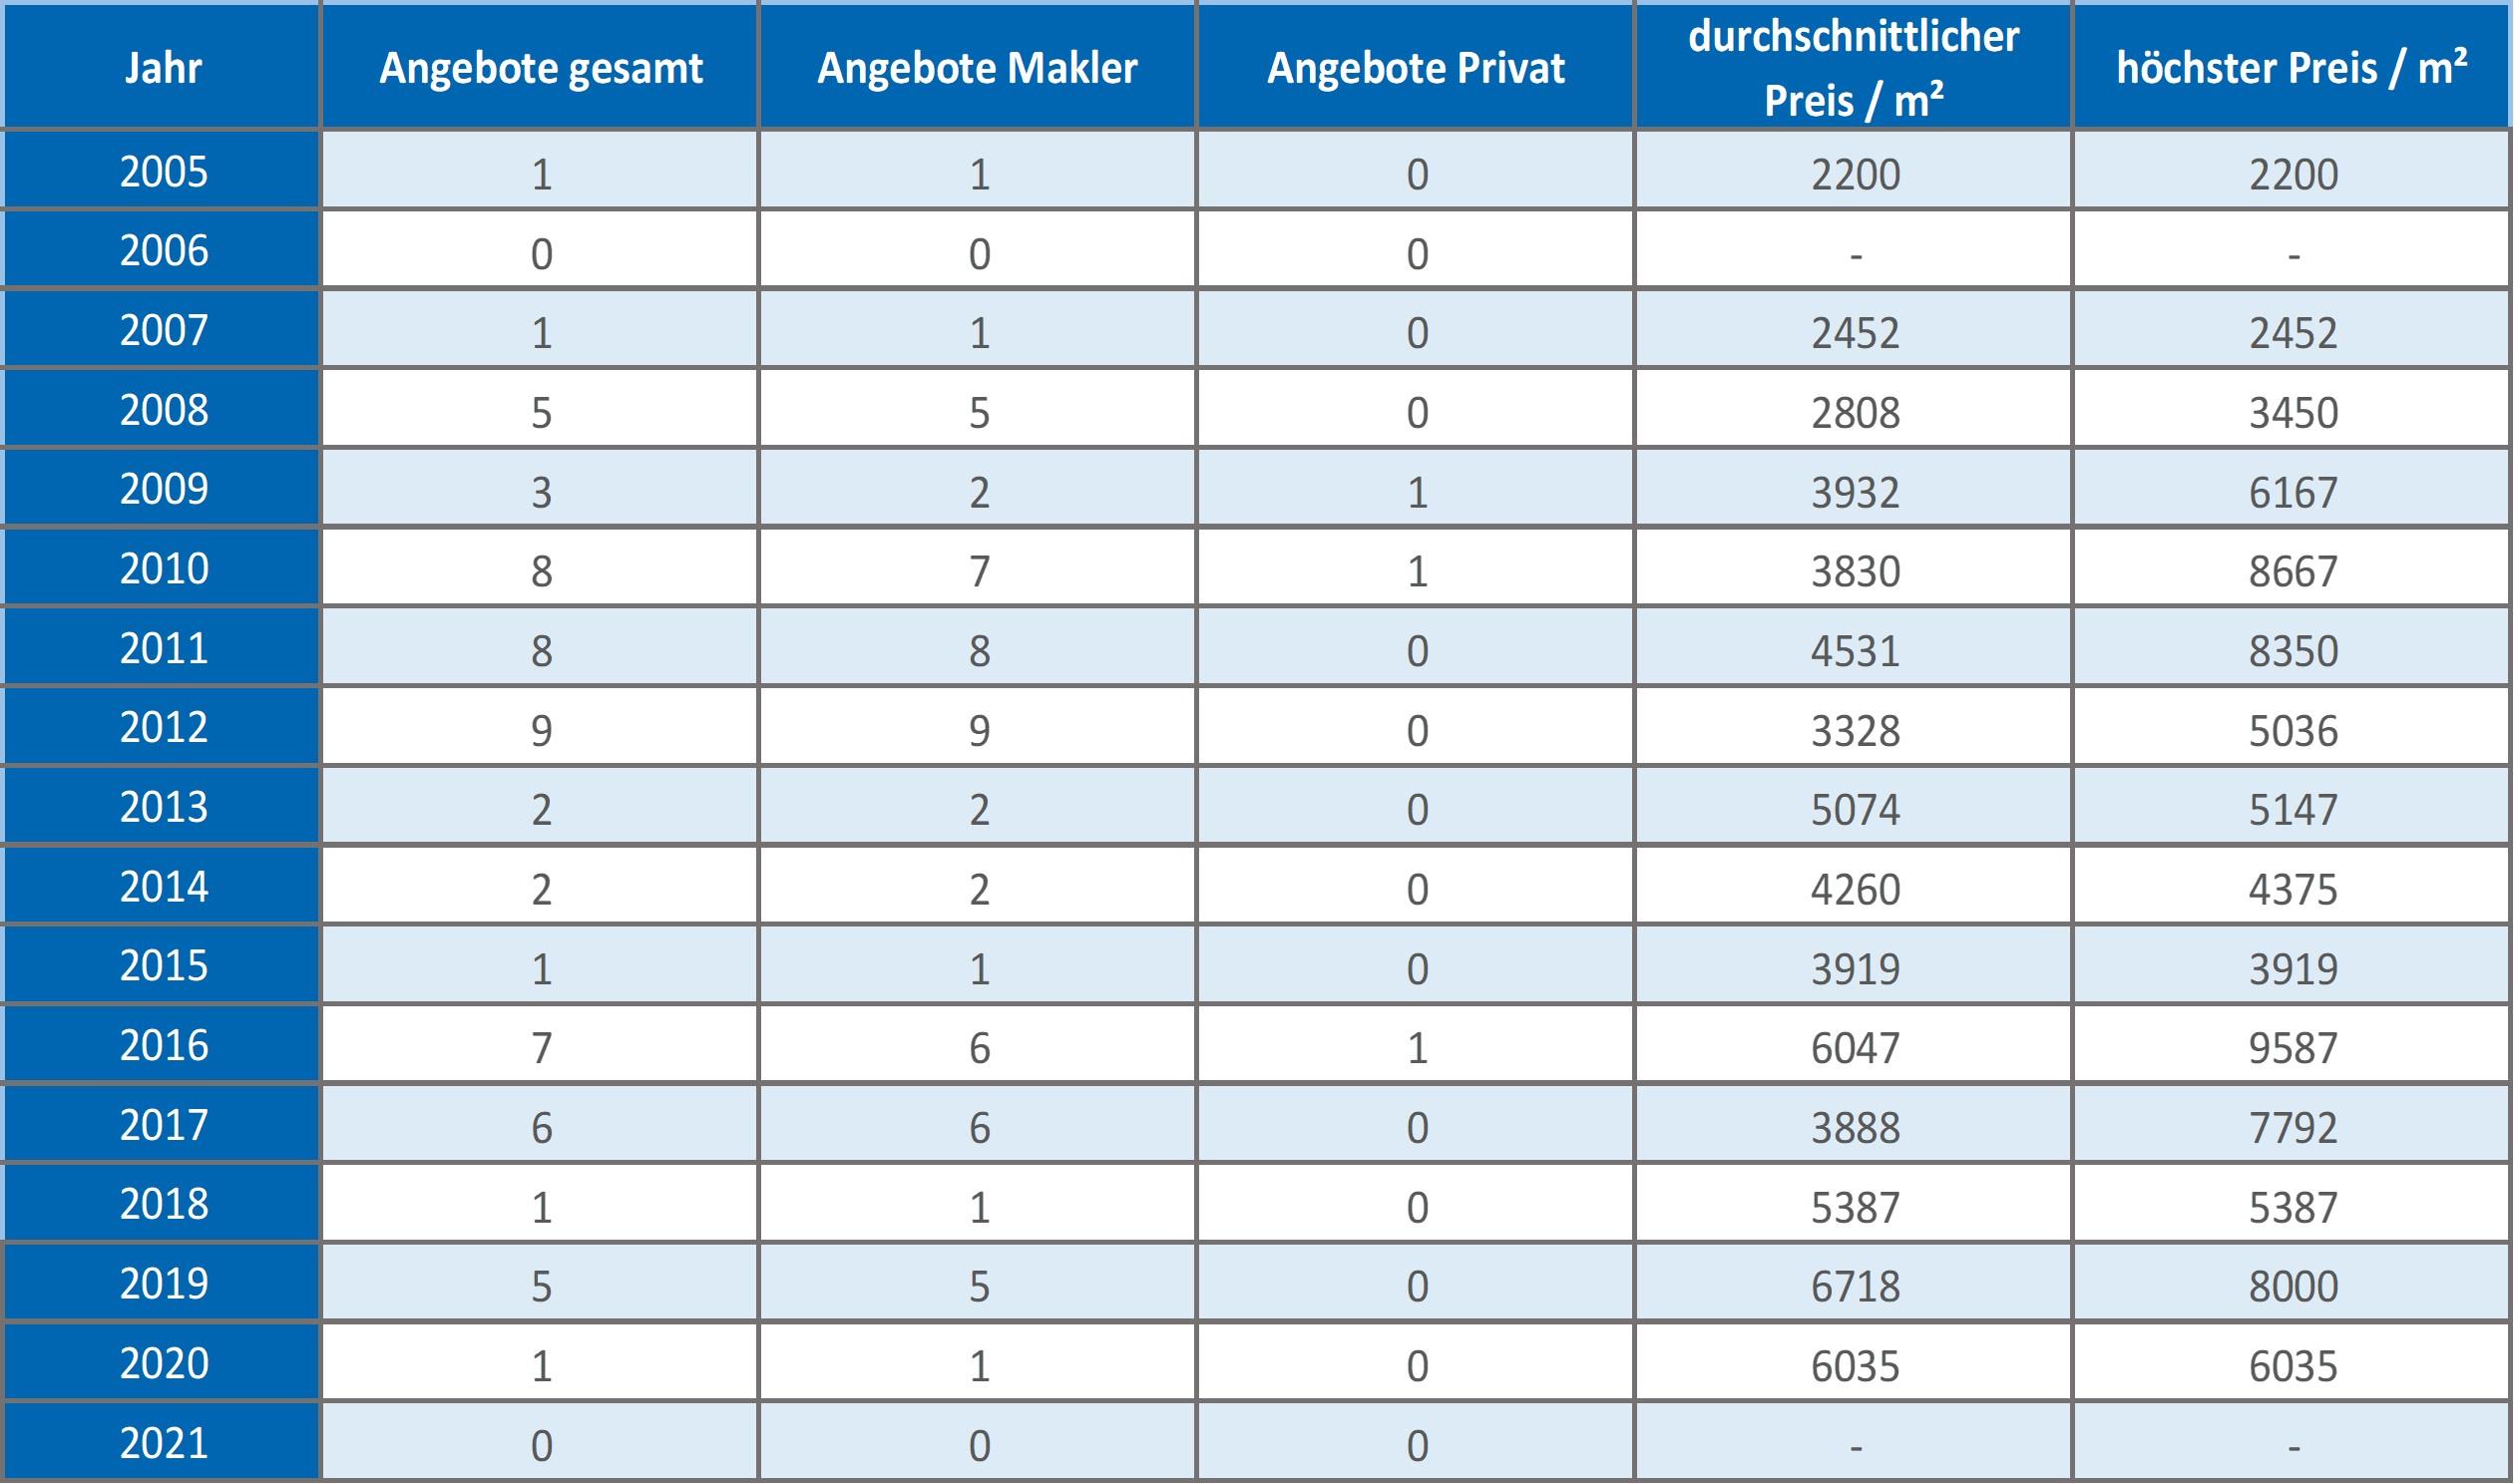 Berg-Mehrfamilienhaus-kaufen-verkaufen-Makler 2019, 2020, 2021